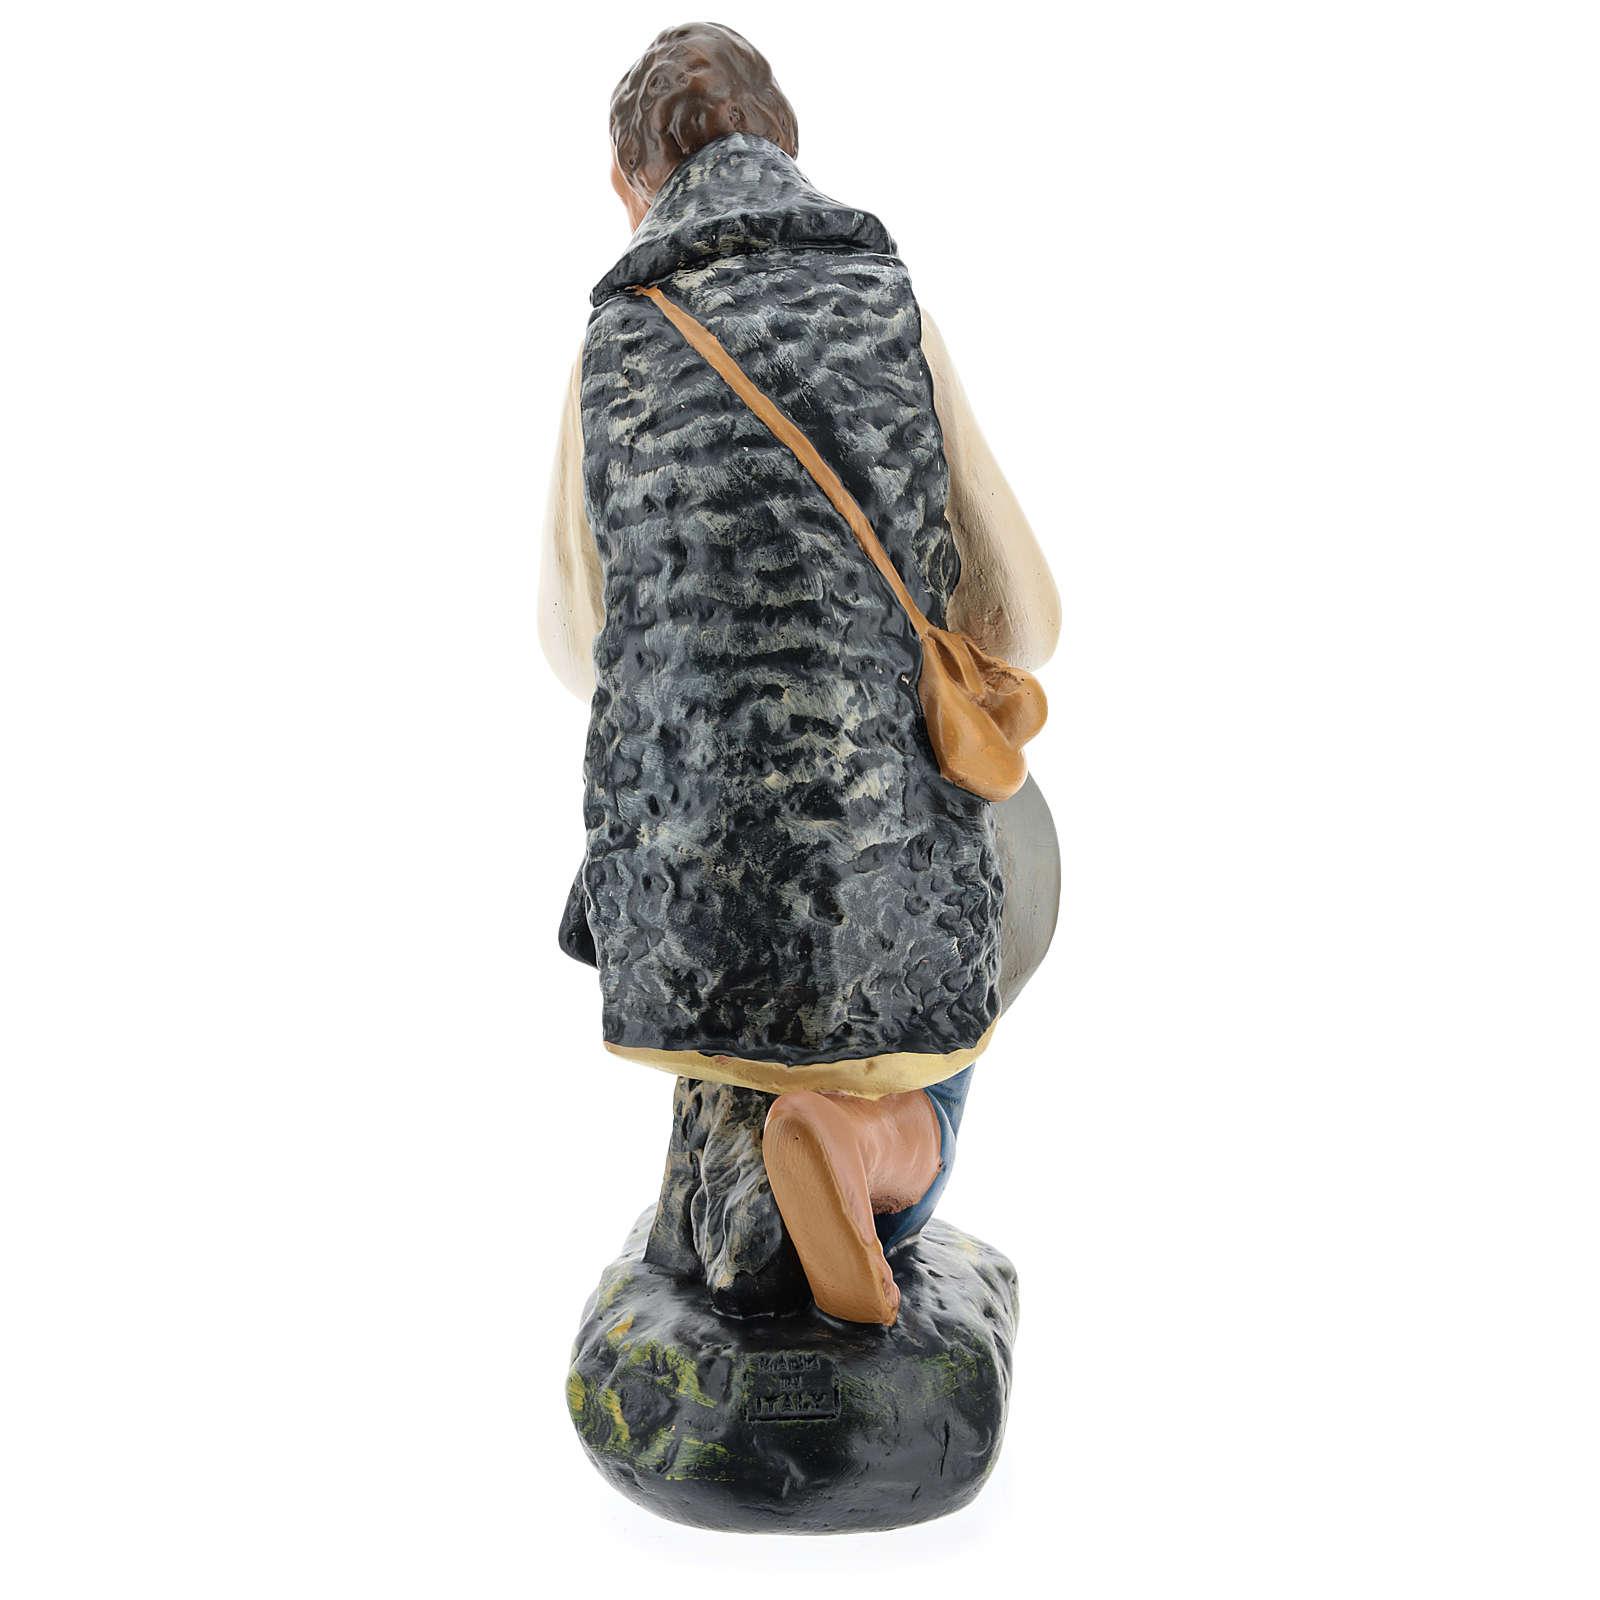 Pastore in ginocchio con cappello presepe Arte Barsanti 40 cm 4